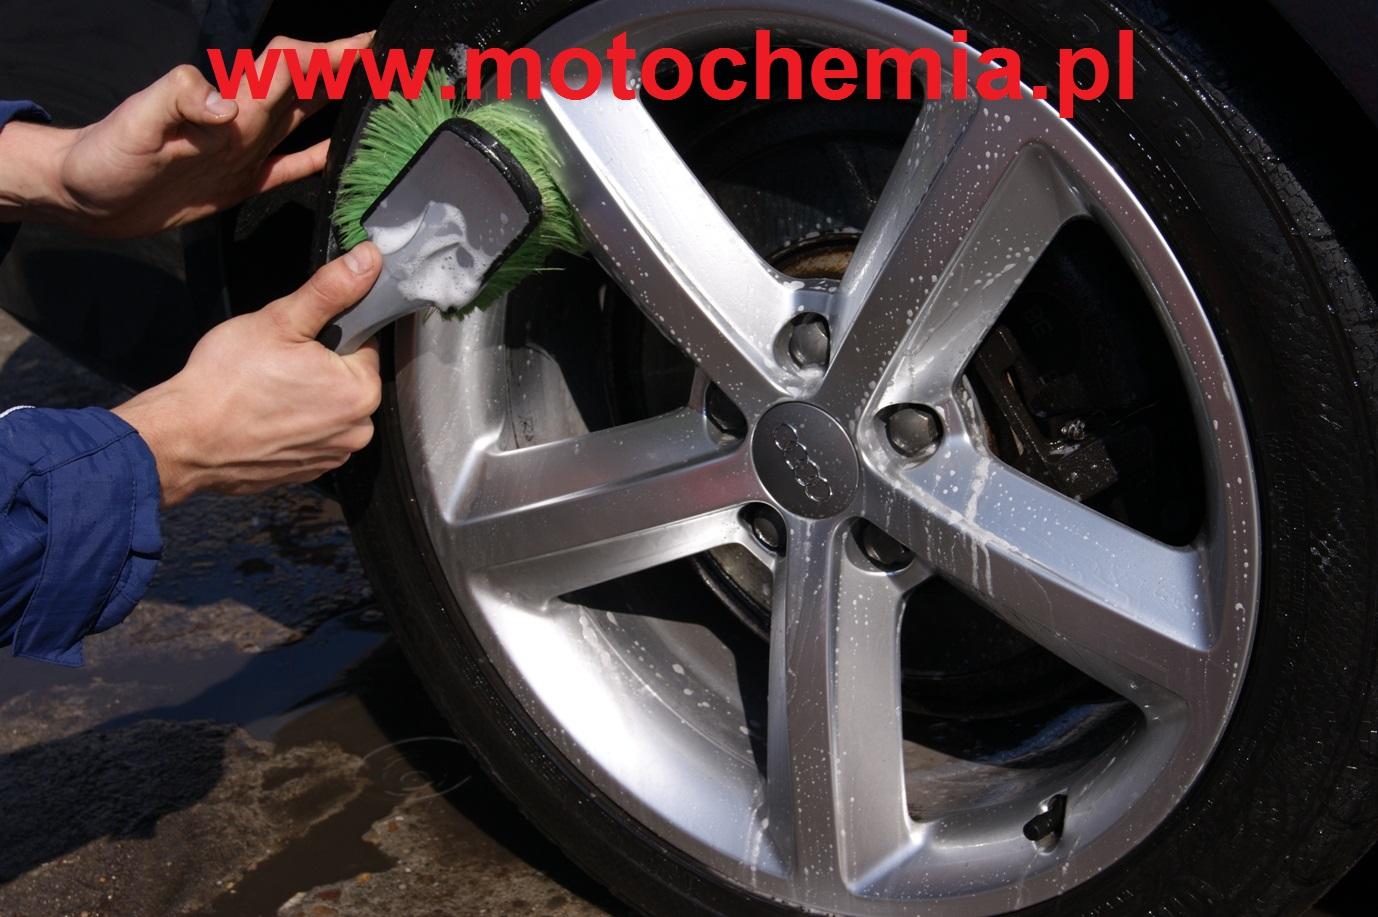 R�czne mycie felg samochodowych